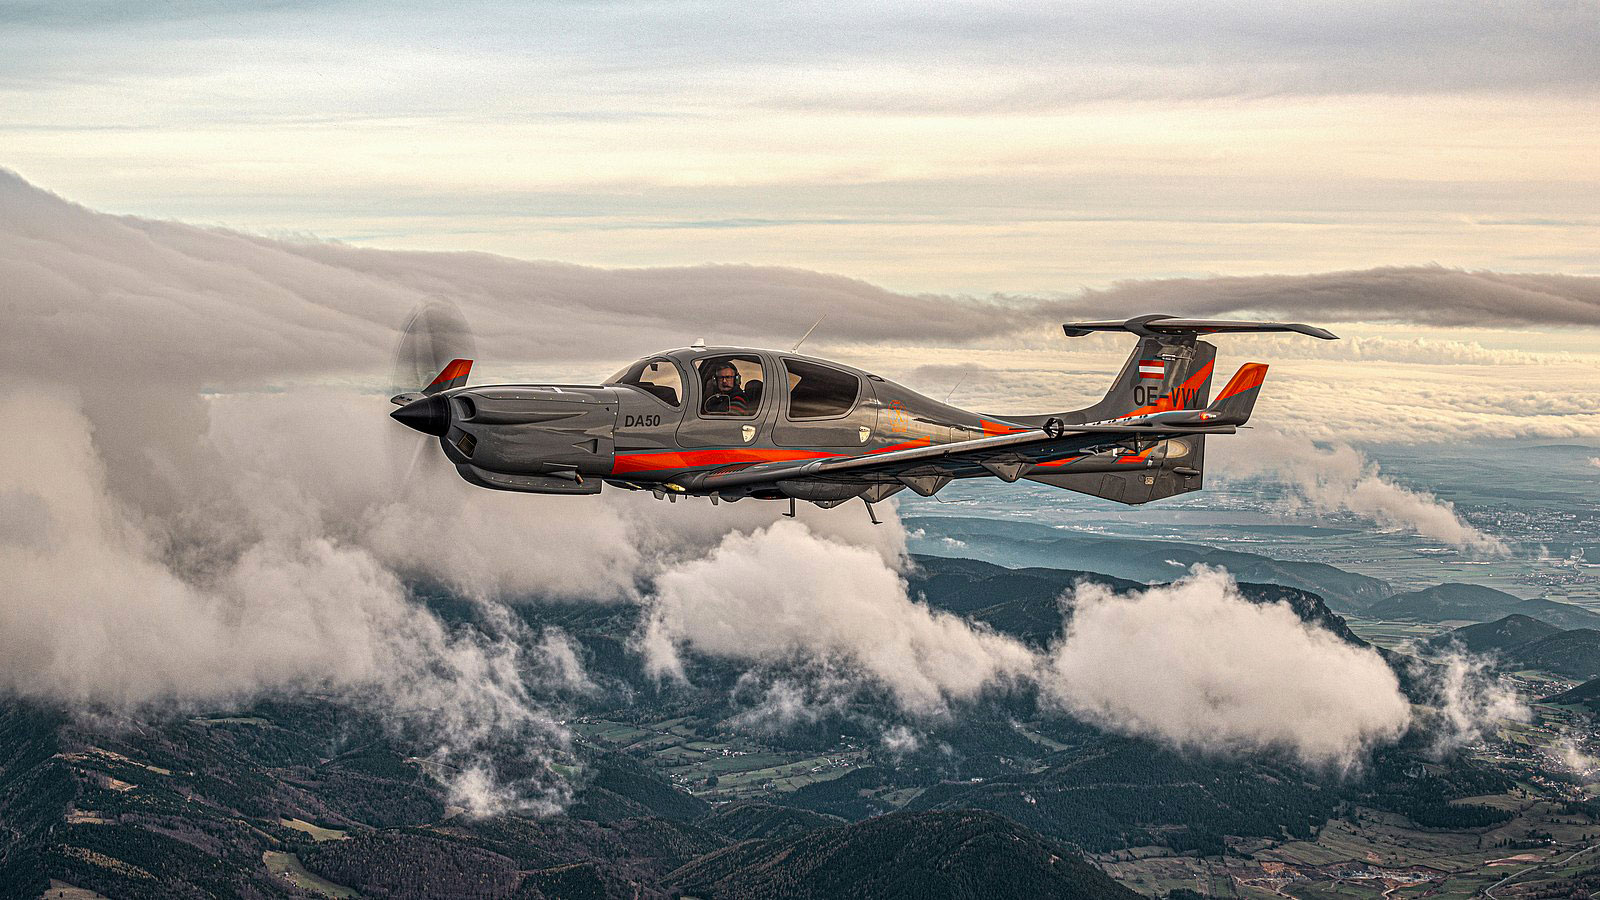 Le DA50 RG reçoit le Prix de l'innovation 2020 d'Aerokurier - ATA by Pelletier